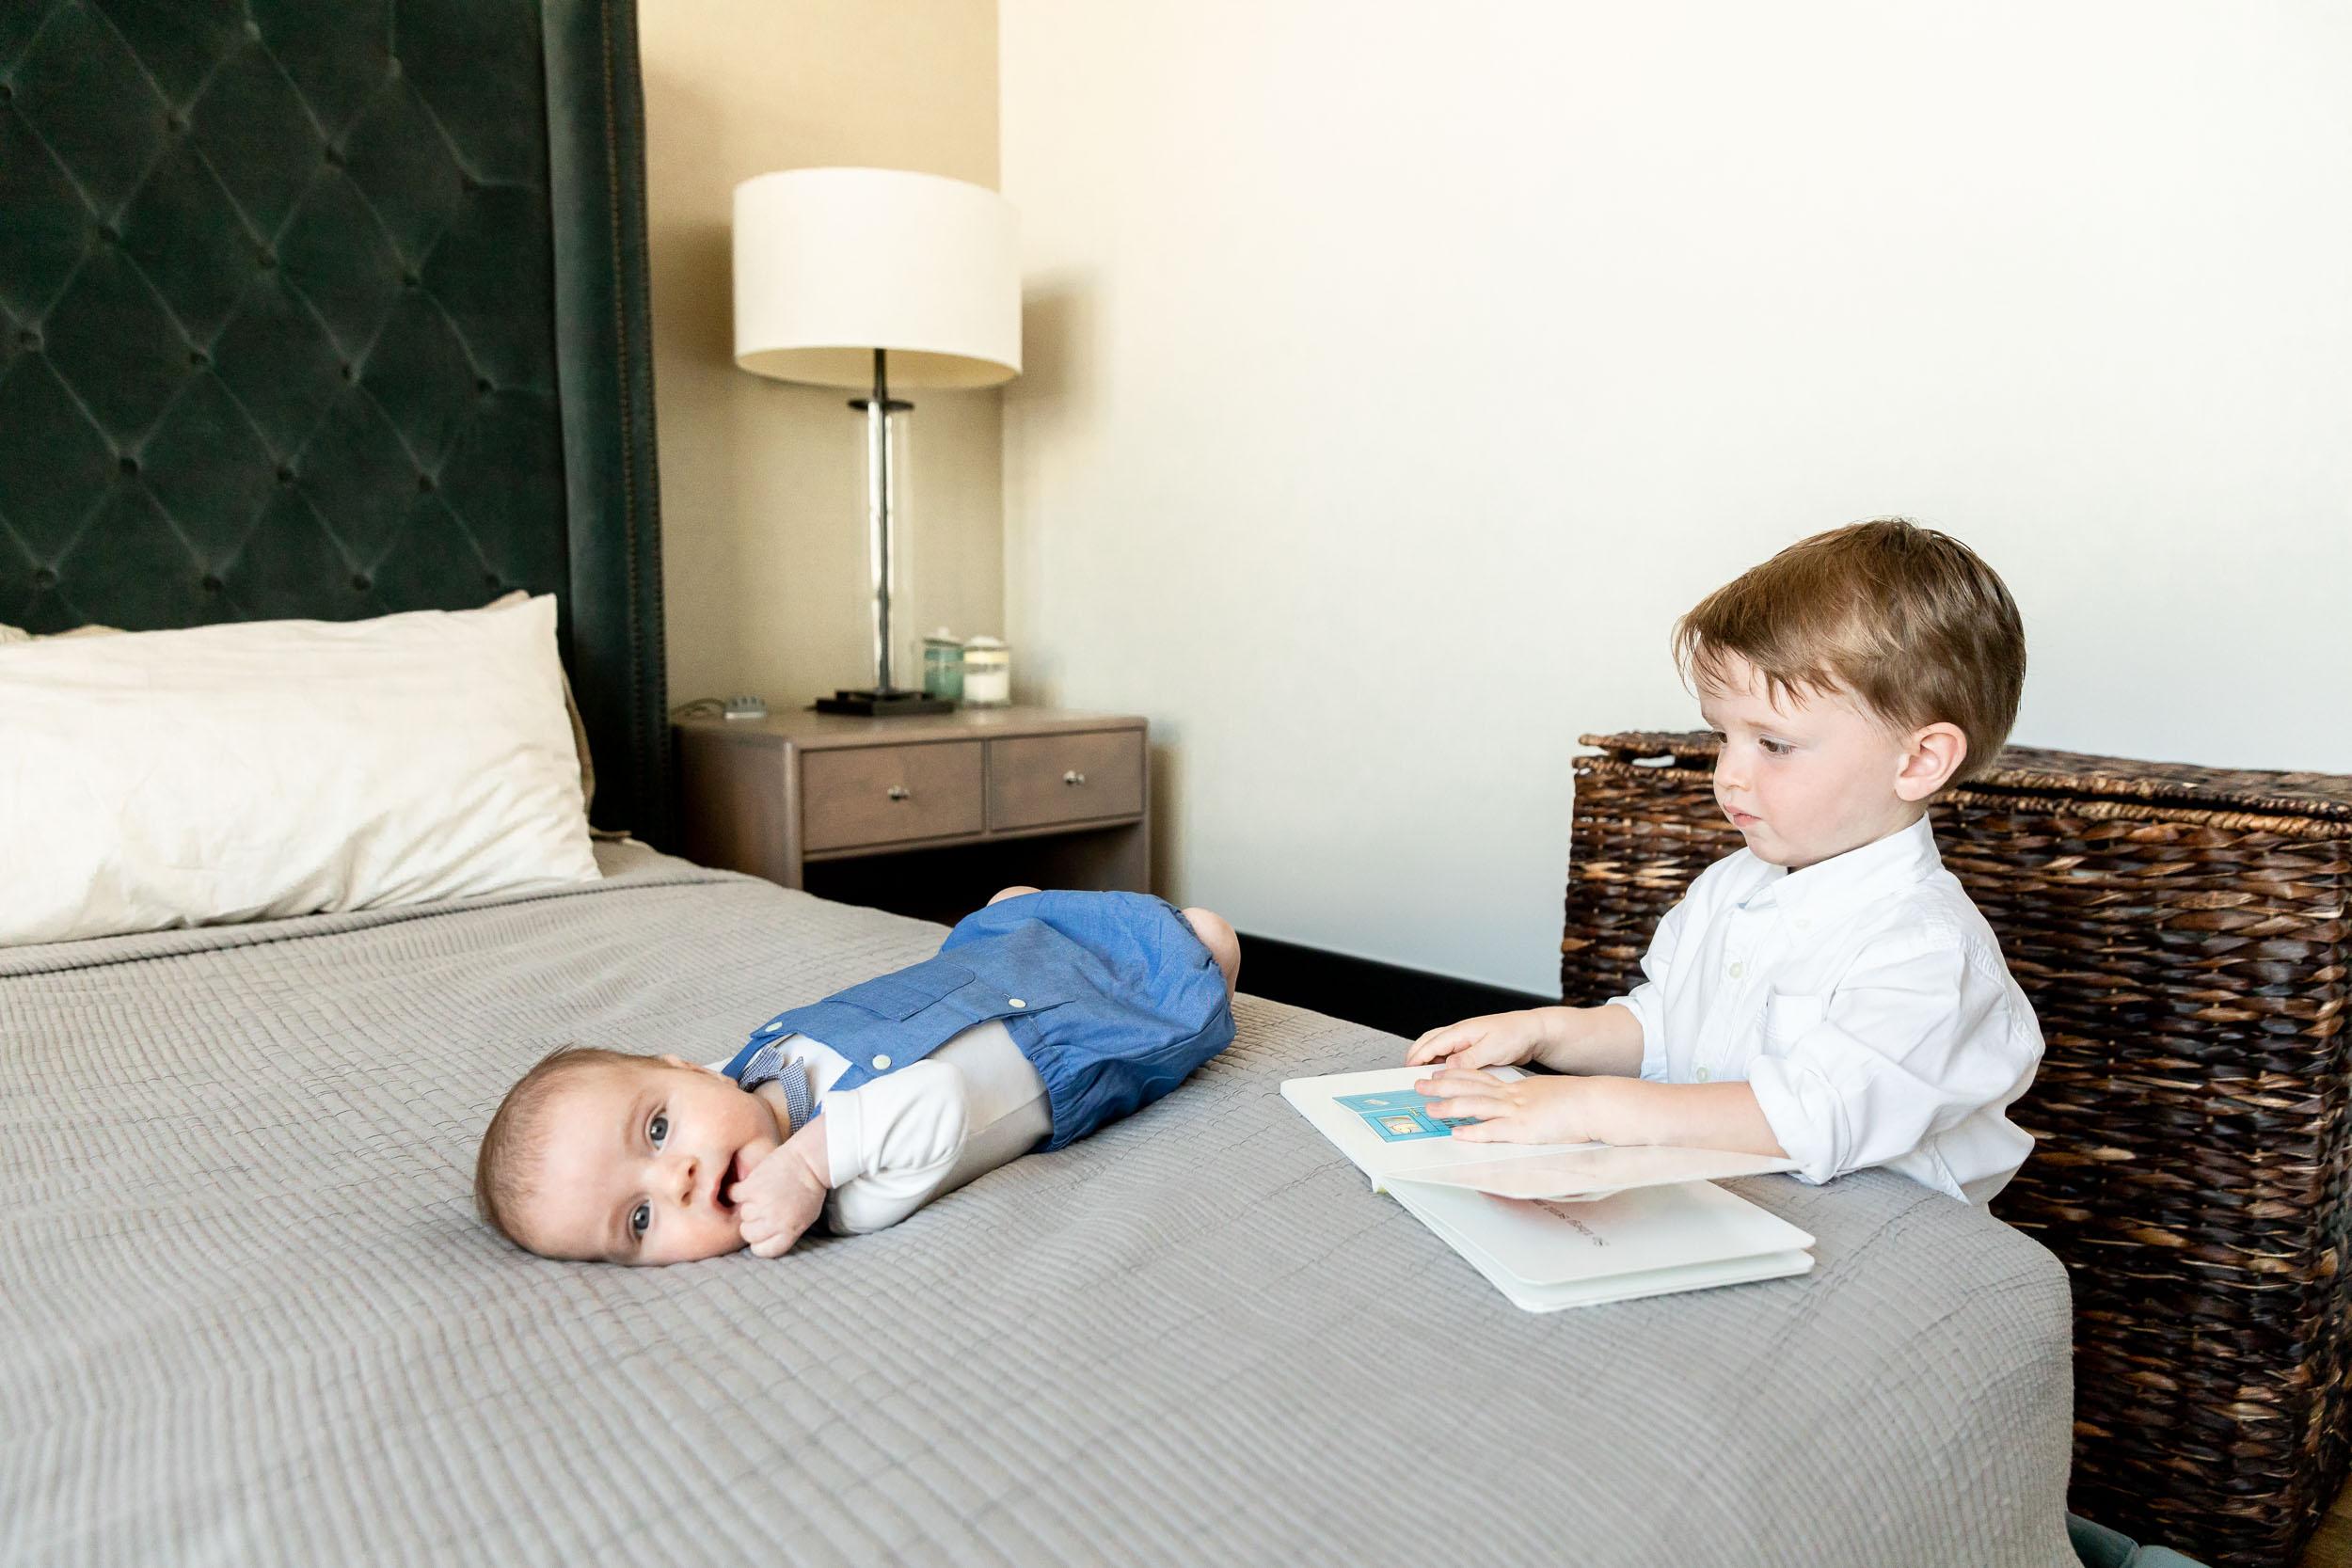 Dumbo_newborn_baby_lifestyle_photographer (5 of 19).jpg